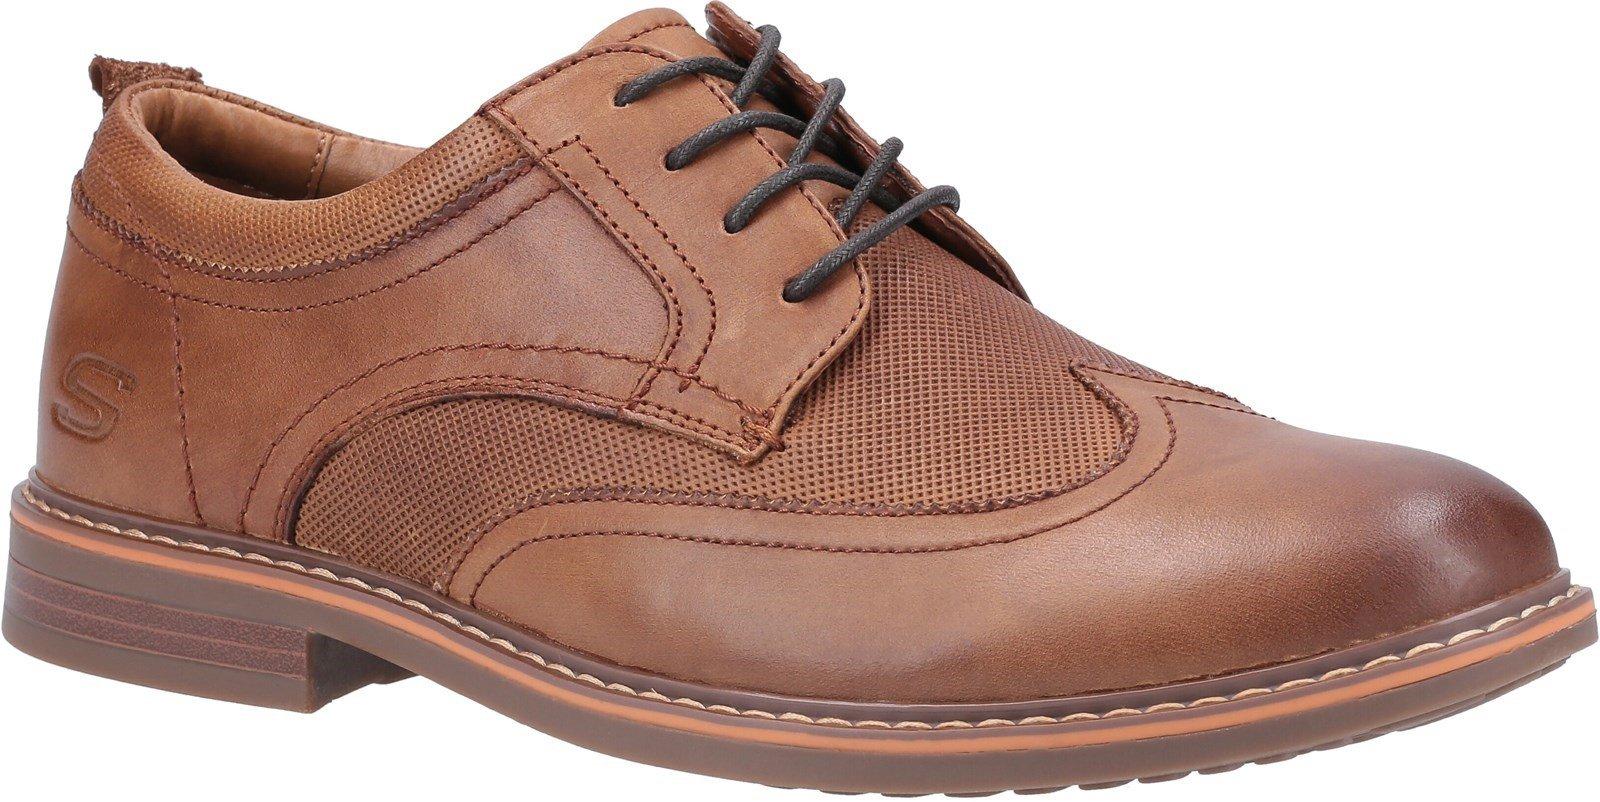 Skechers Men's Bregman Modeso Lace Up Shoe Various Colours 30747 - Cognac 7